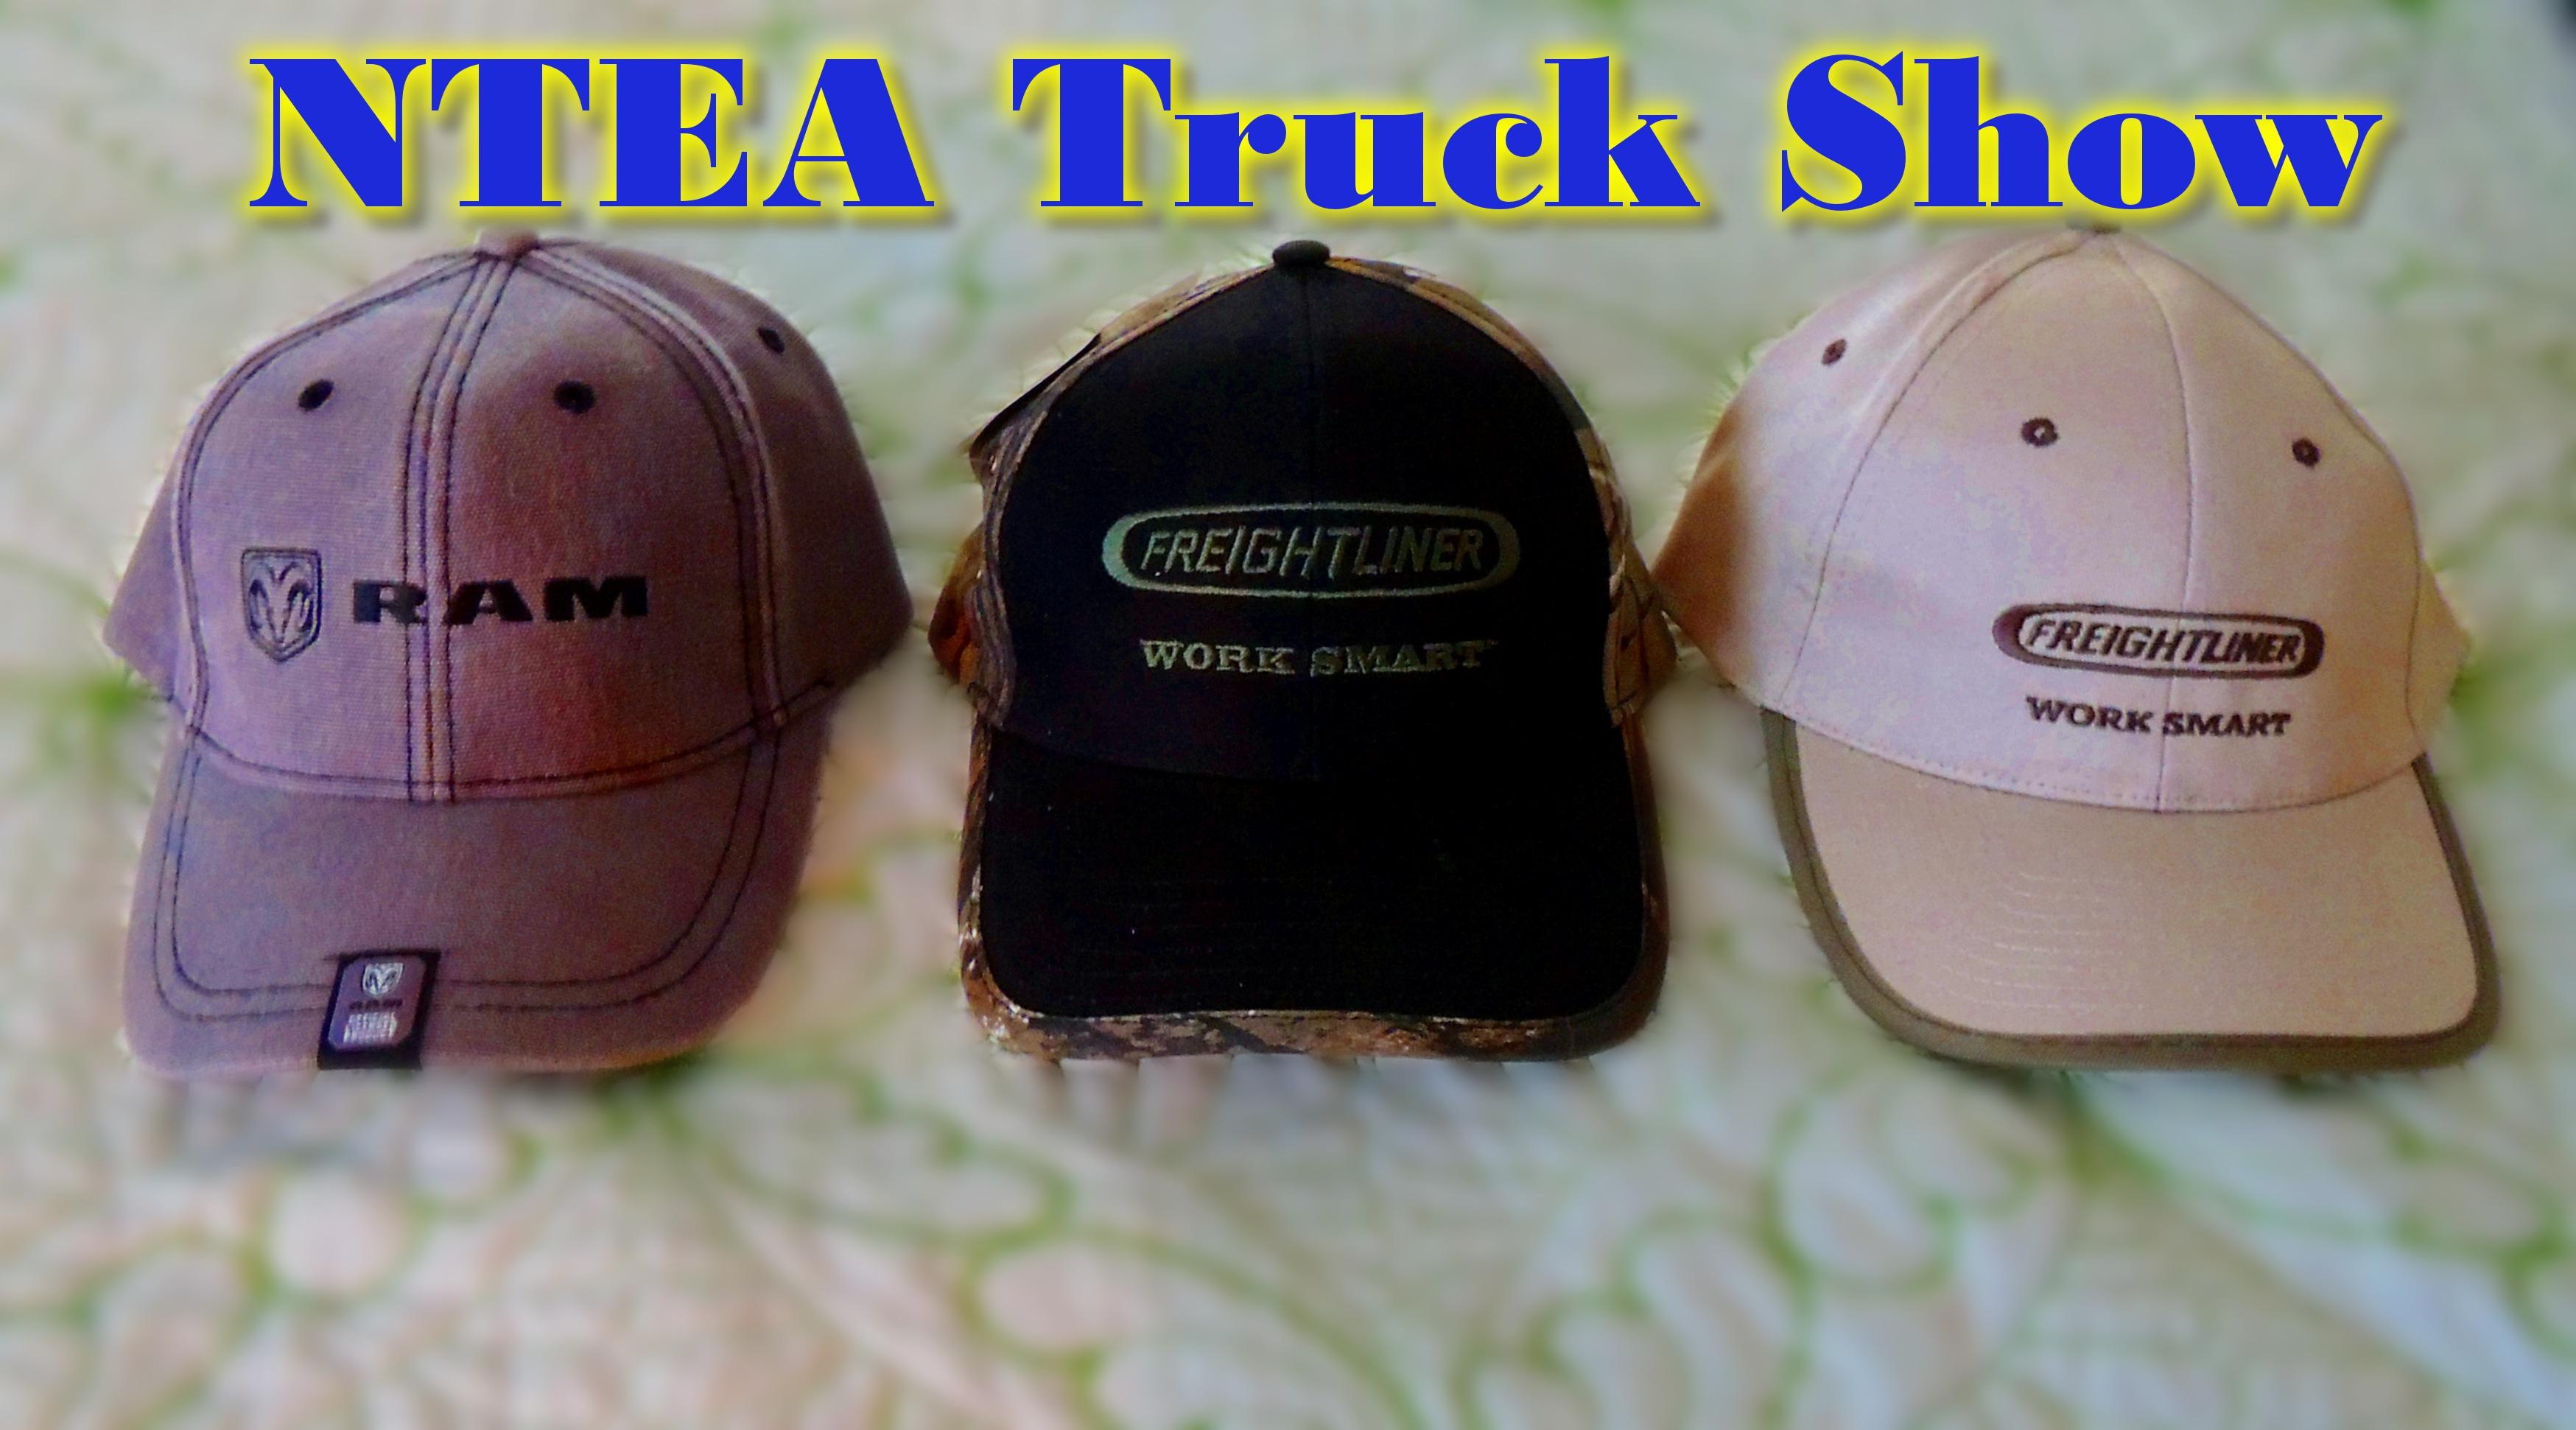 NTEA Truck Show